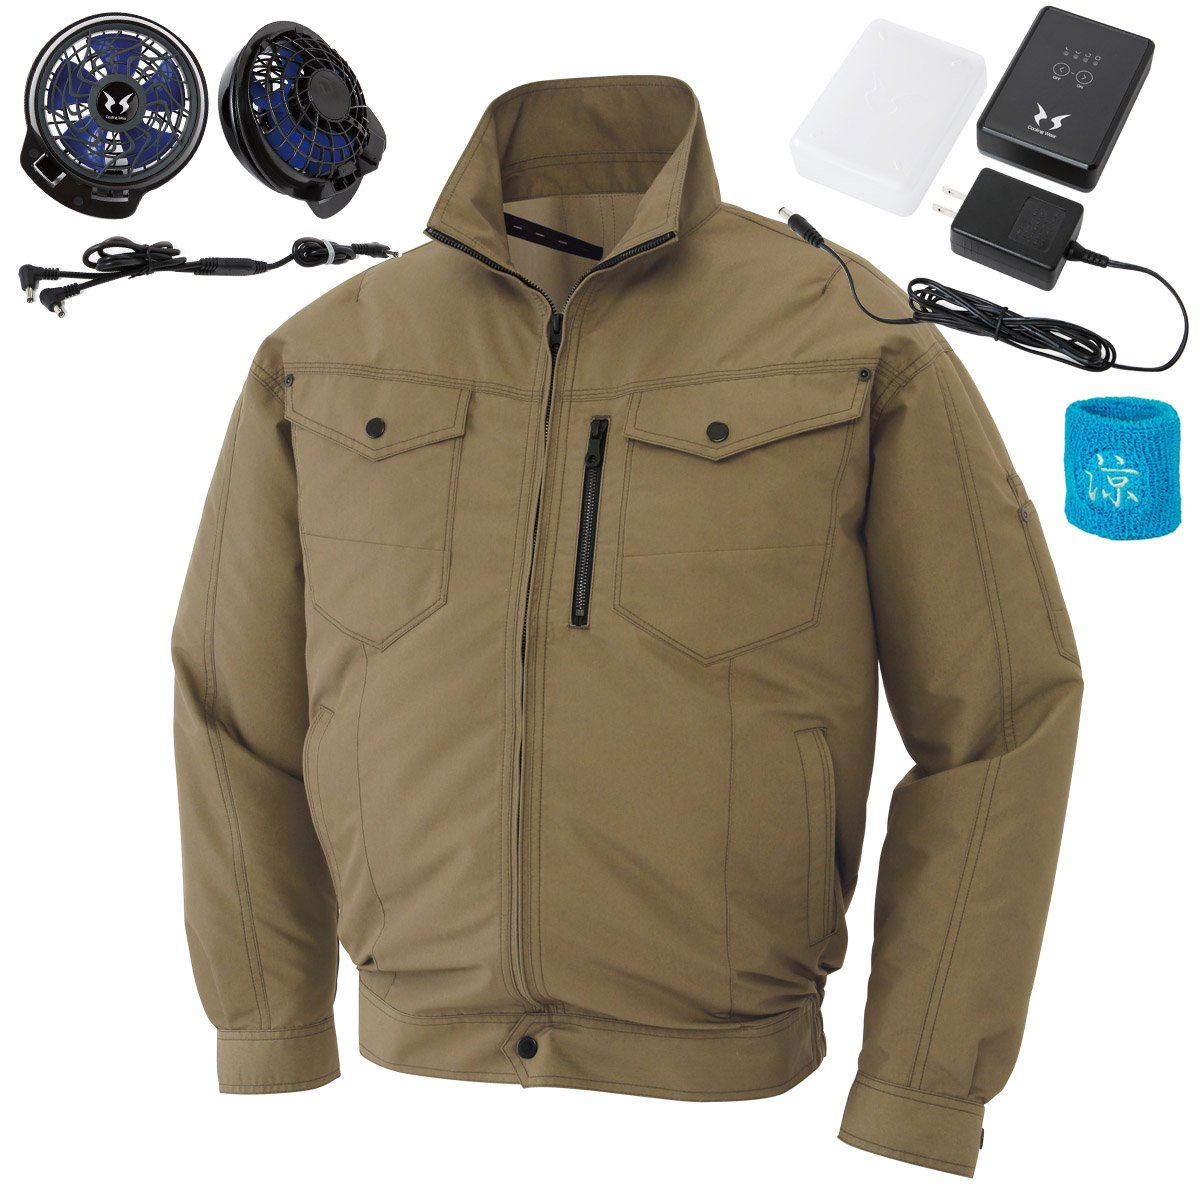 空調服 空調風神服 2017年新商品 保冷材ポケット付長袖ブルゾン(2017年最新型/日本製/リチウムイオンバッテリー/新型ファン/リストバンド)099‐KU95104R B072JJKJG6 XL|21-カーキ 21-カーキ XL